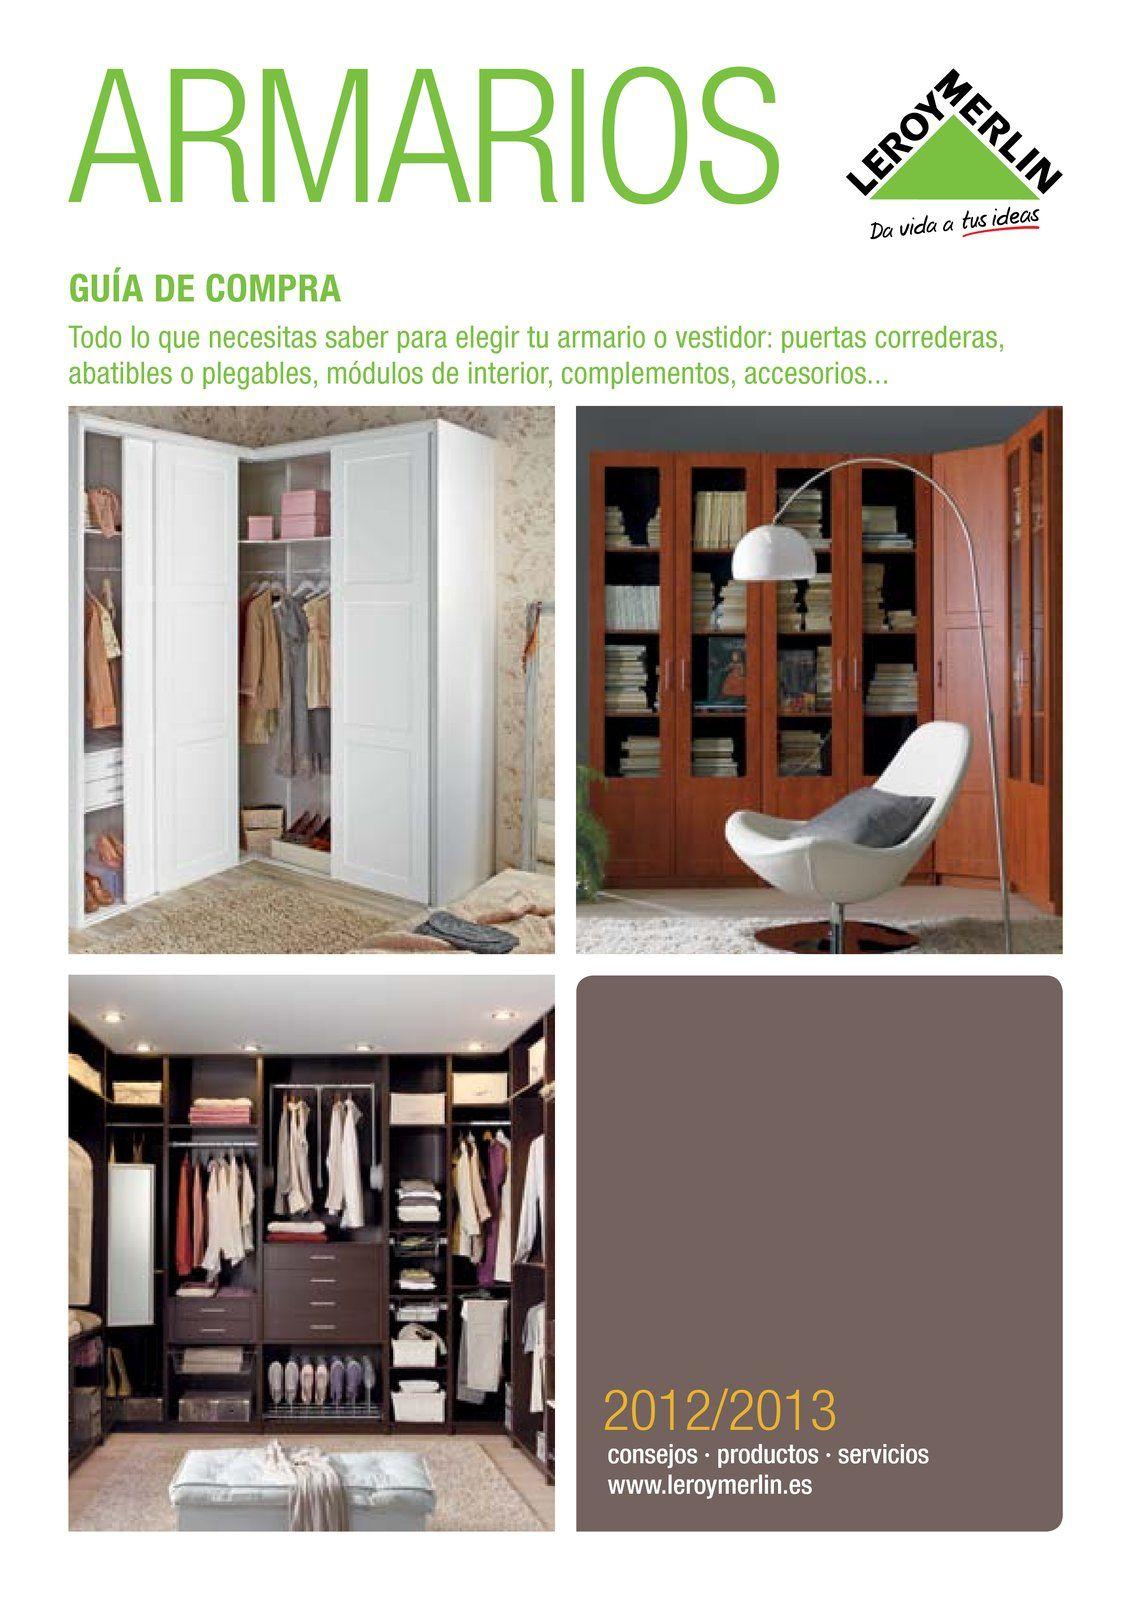 LEROY MERLIN, Armarios Http://www.ofertia.com/tiendas/